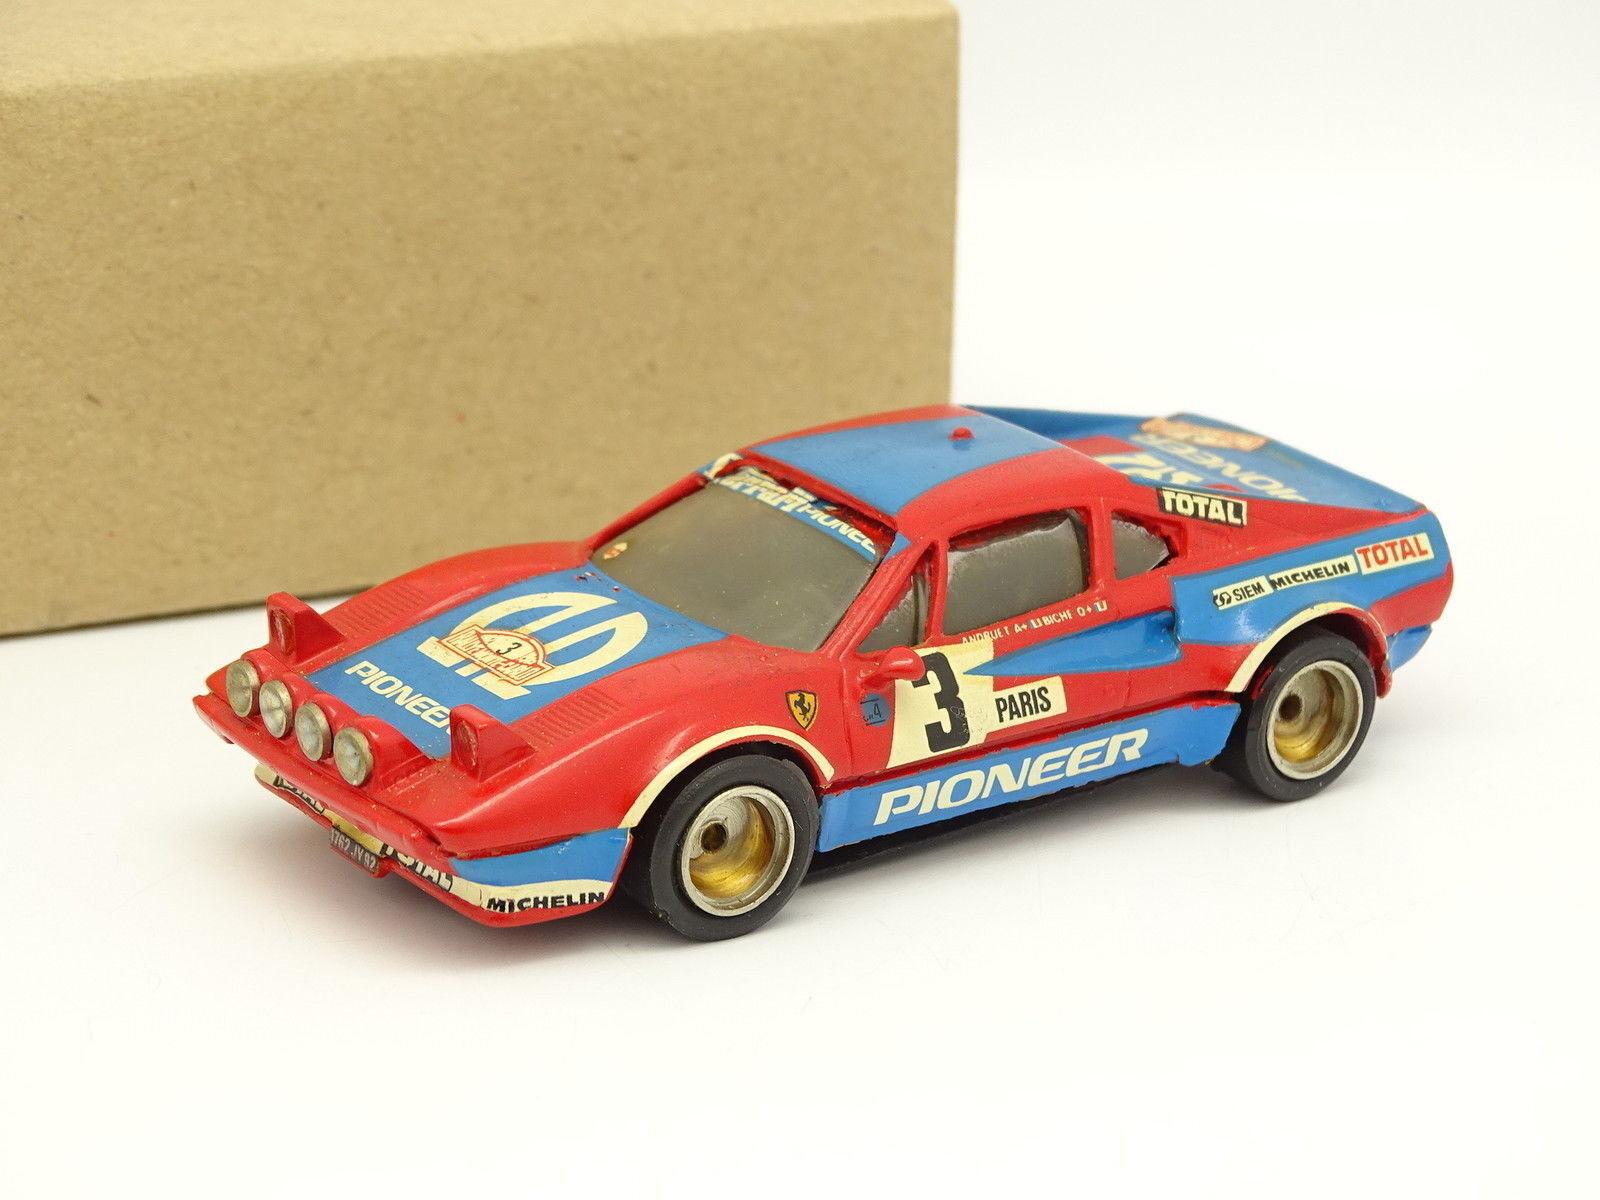 Record Kit Montado Resina 1 43 - Ferrari 308 Gtb Gtb Gtb Rallye Monte Carlo 1982 61af00